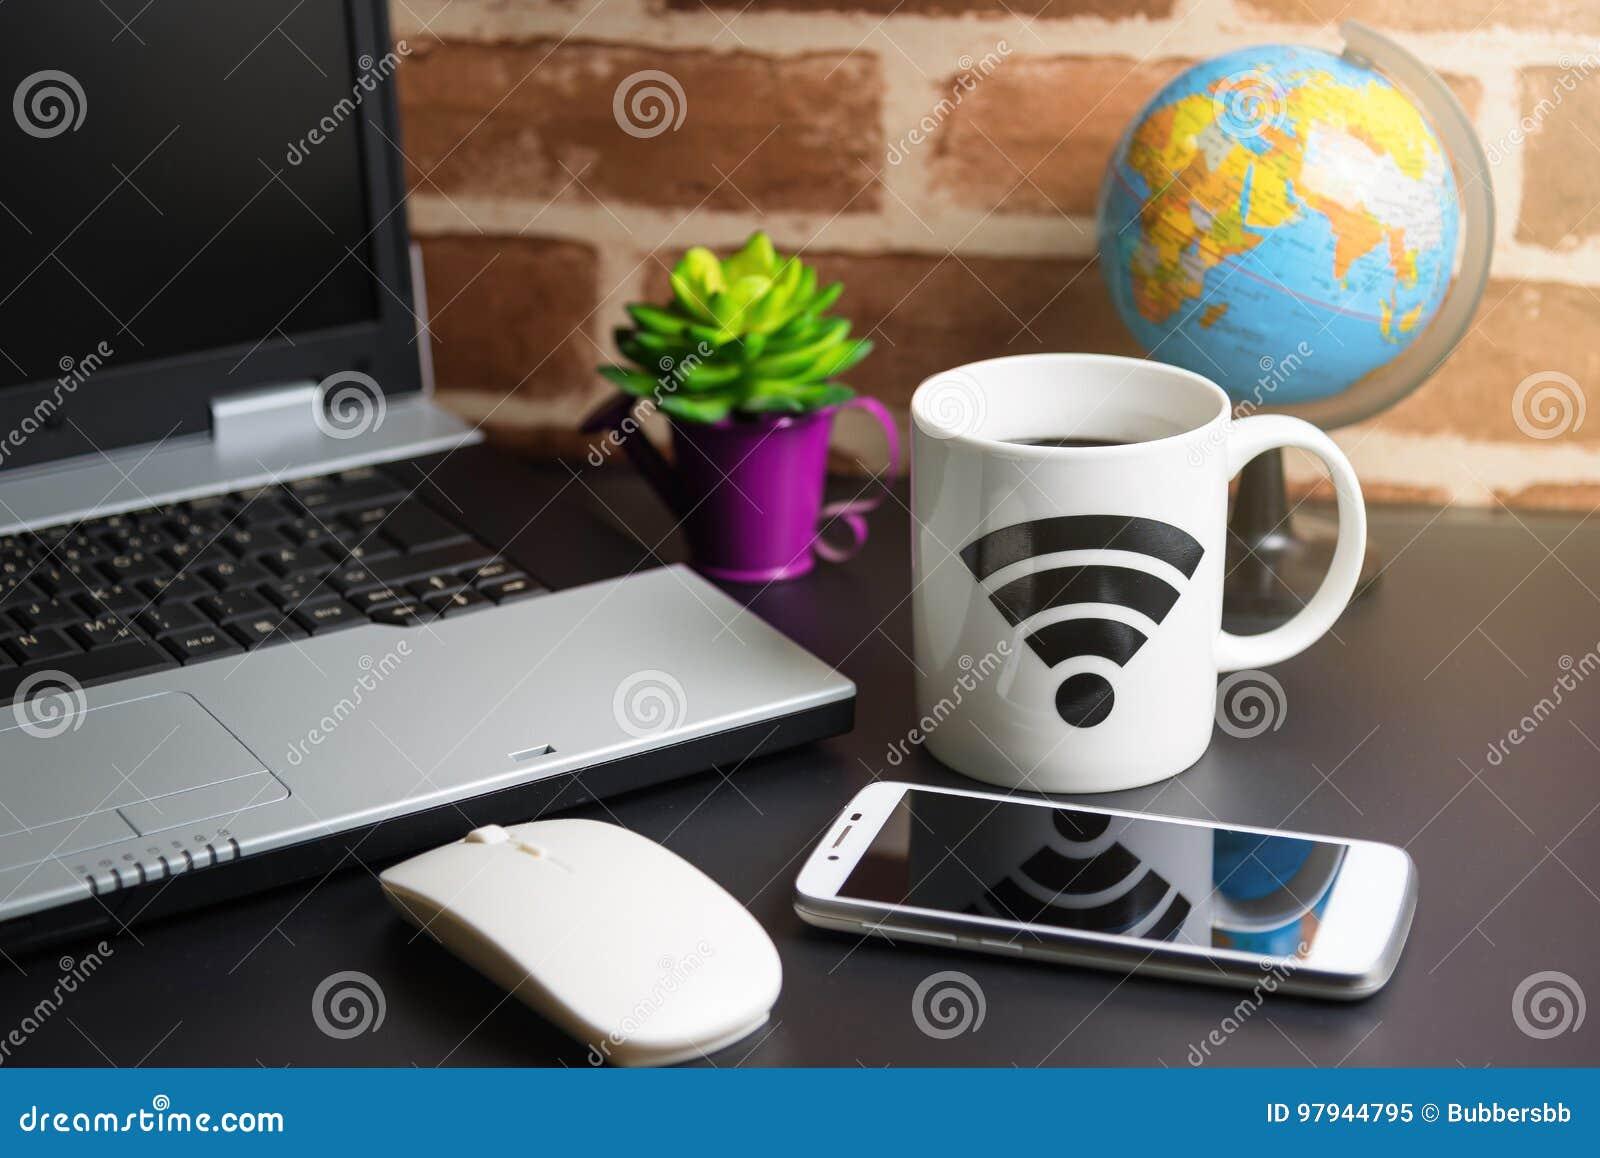 Tabelle Des Büromaterial Geschäftsmannes Mit Laptop, Drahtlose Maus ...